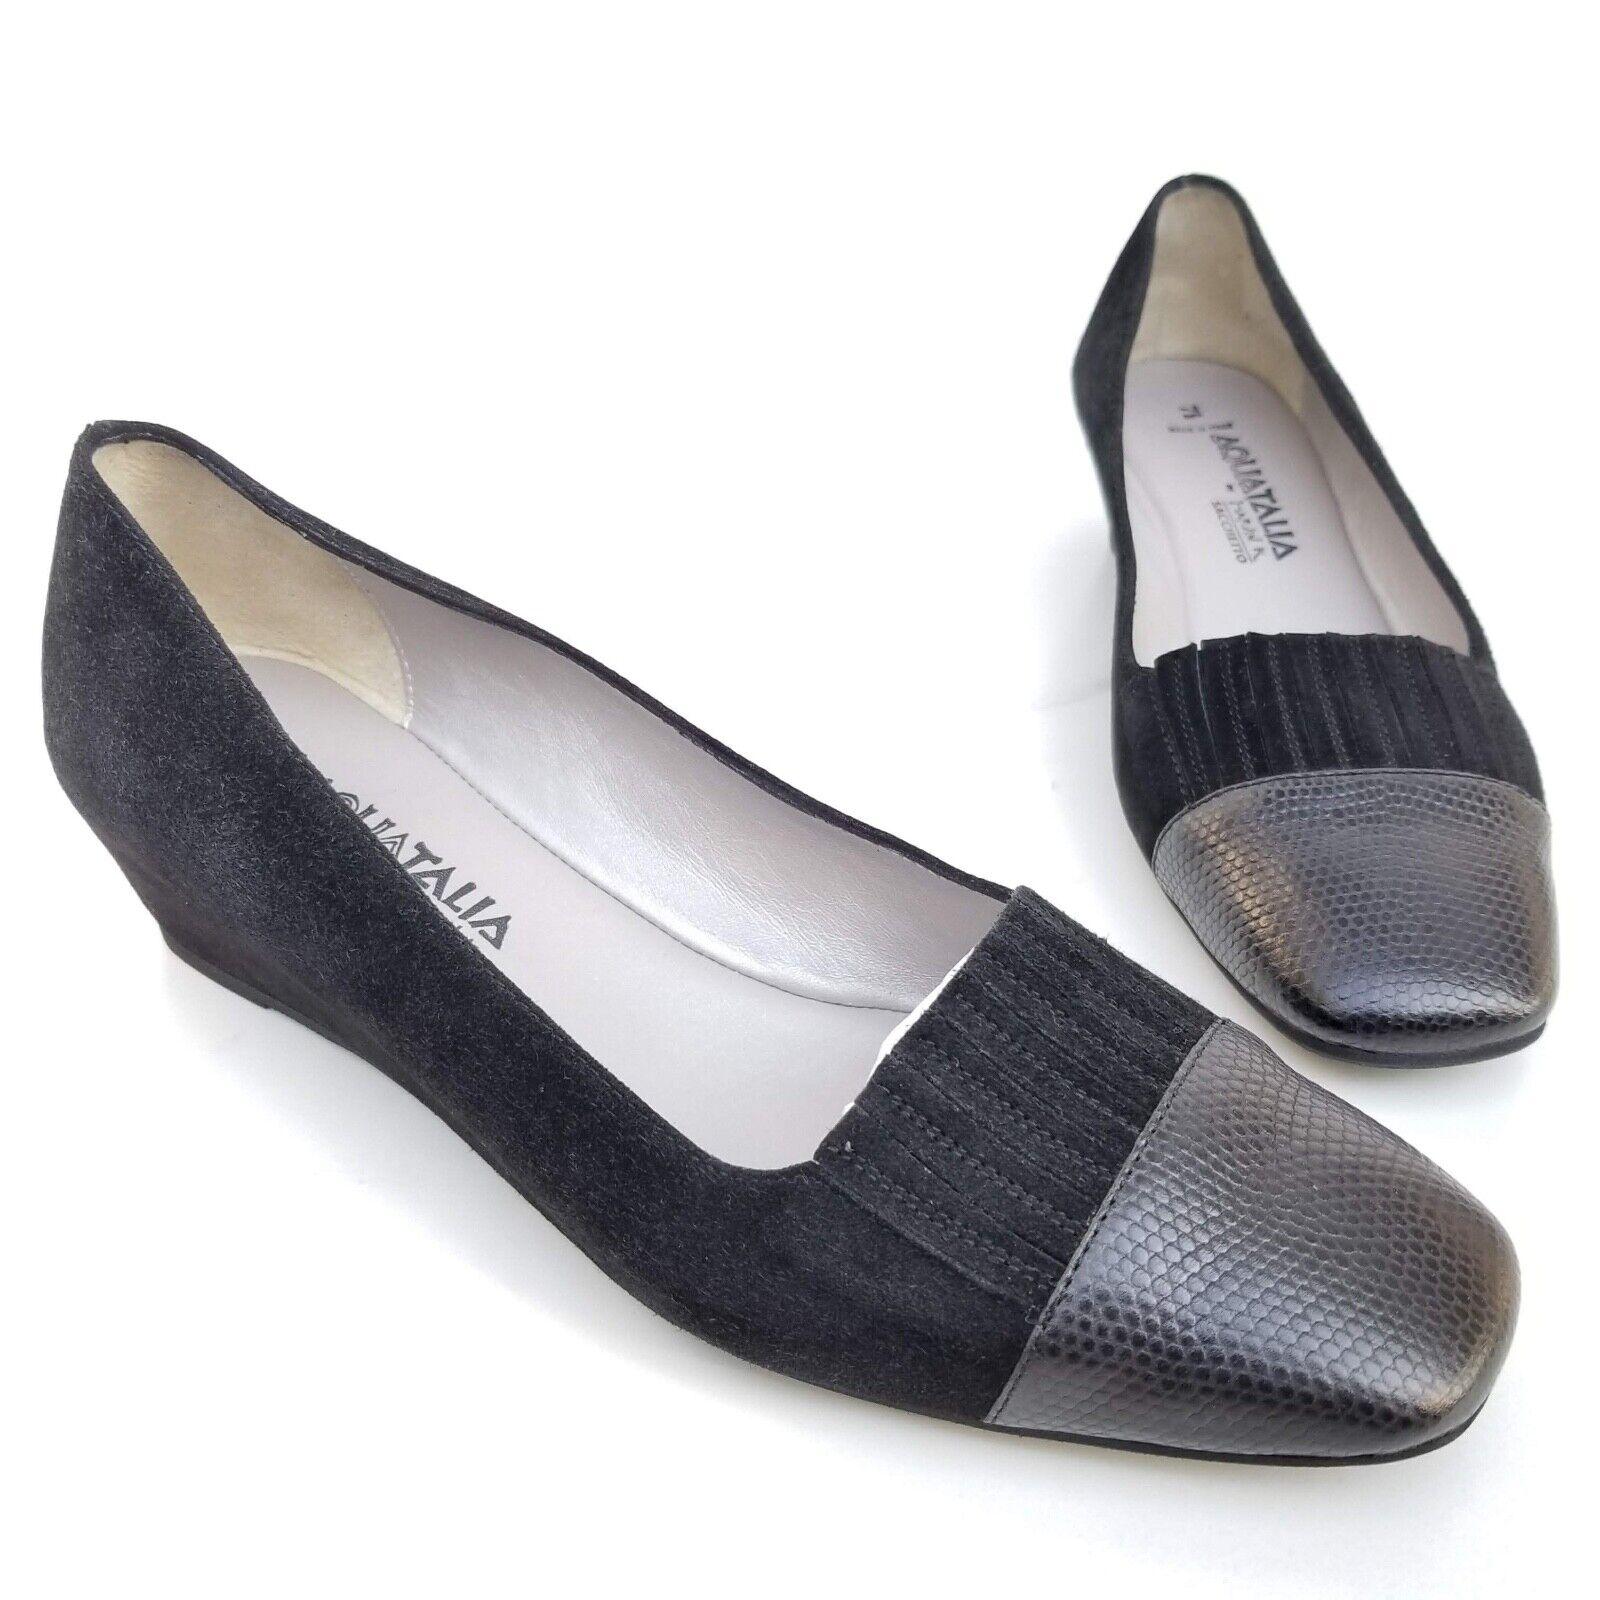 il più alla moda Aquatalia Marvin K  Wedge Loafer Slip Slip Slip On Pumps scarpe nero Suede Donna  7.5  nuovo stile